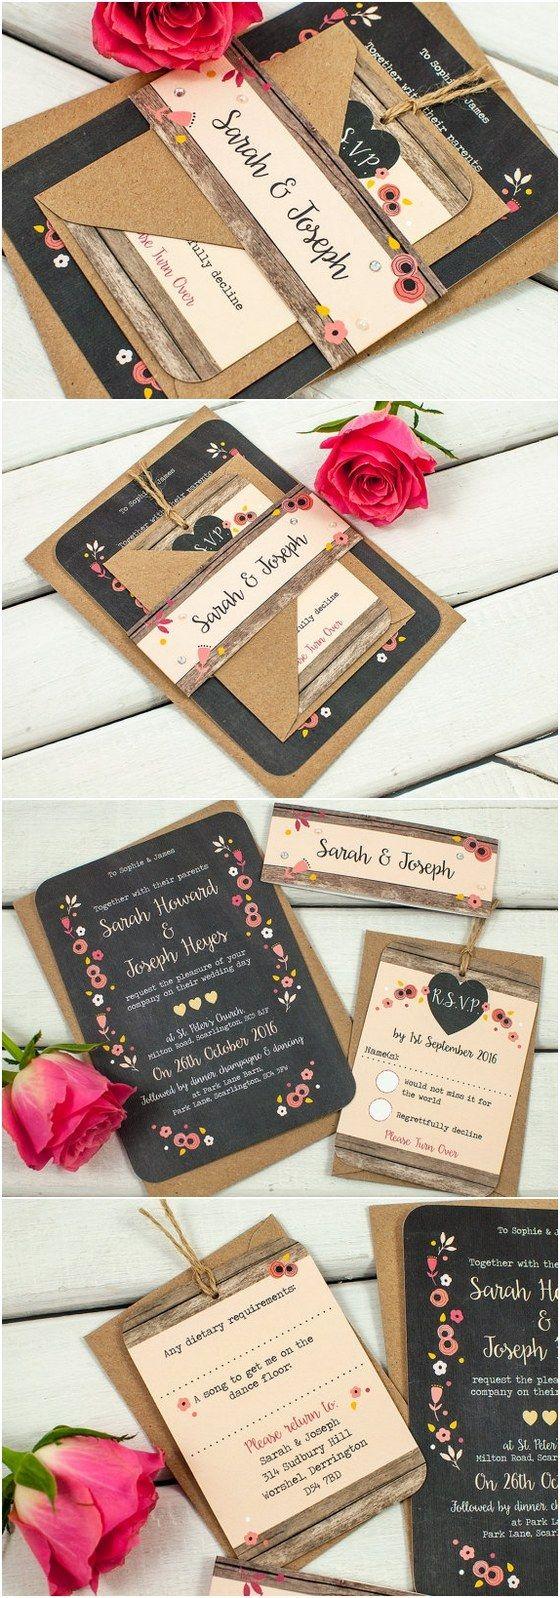 Berry Floral Chalkboard wedding invitation bundle - Fall Autumn Wedding